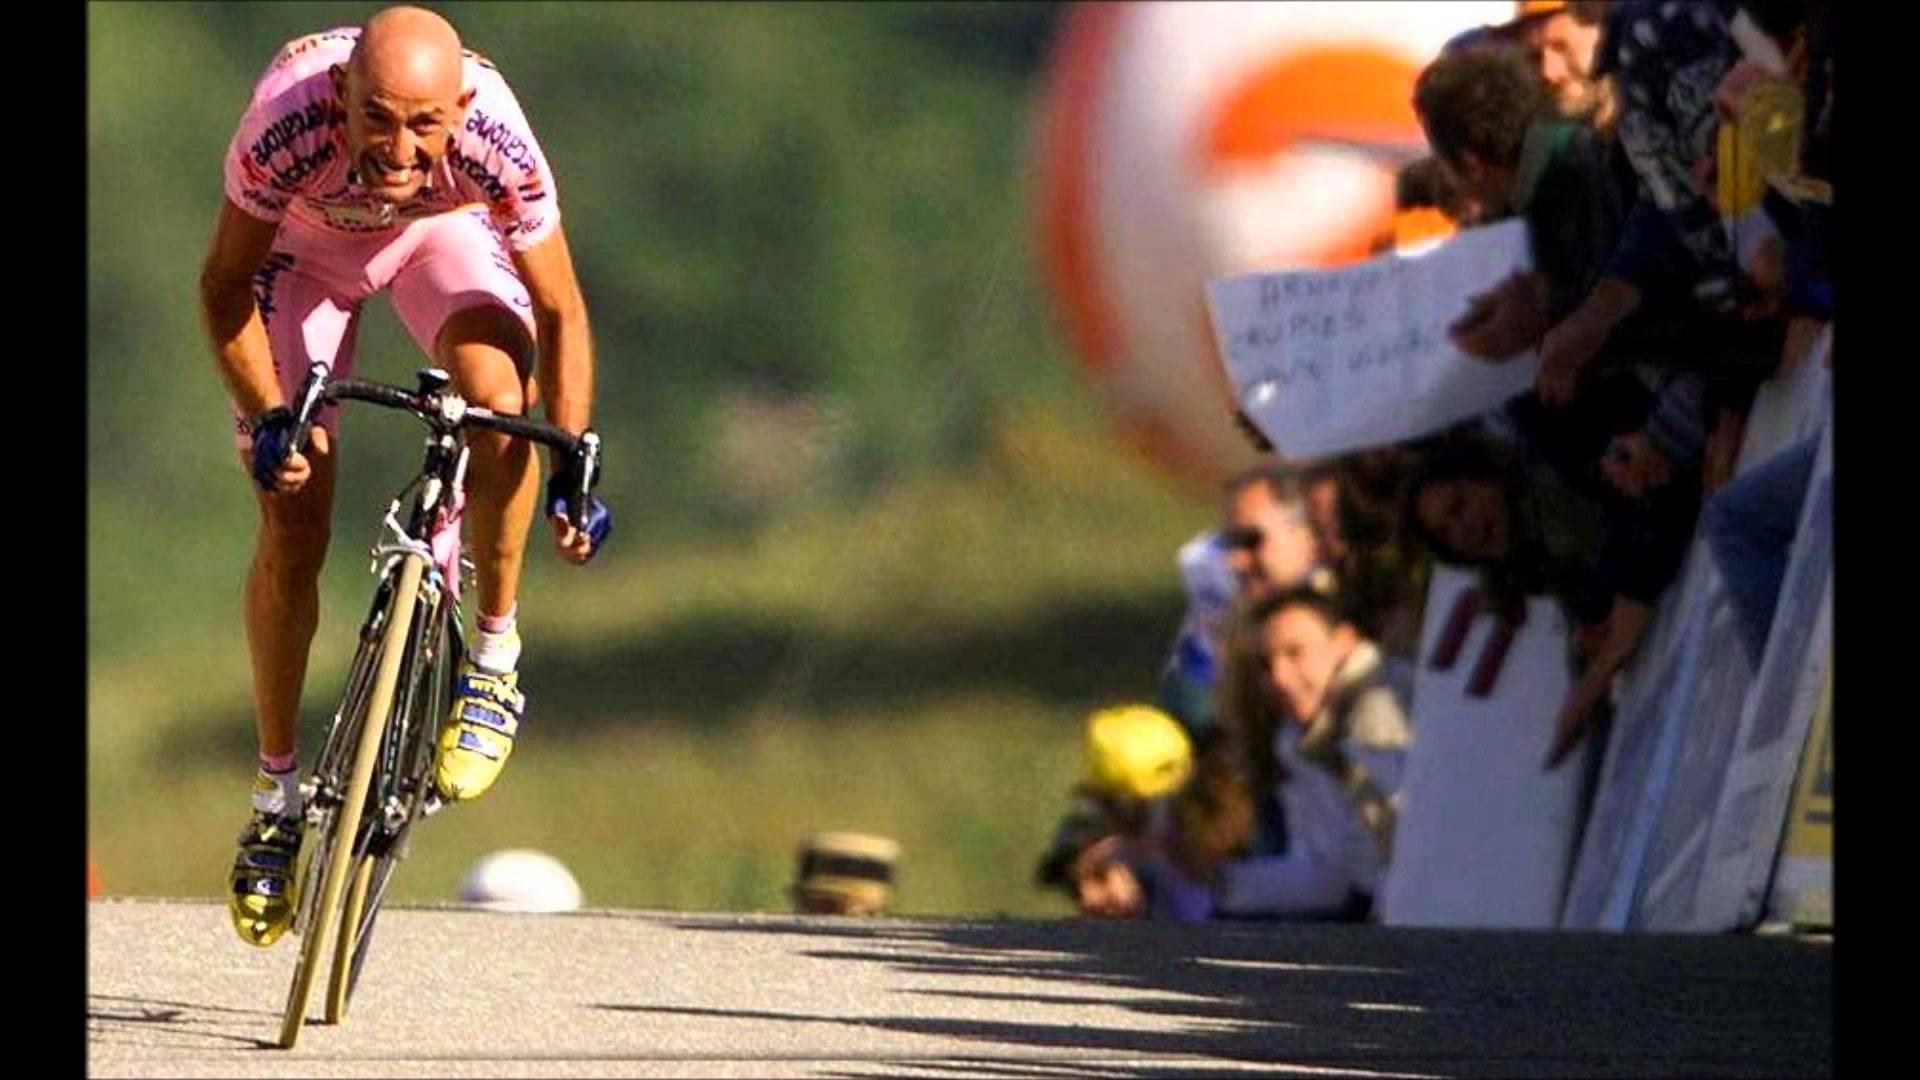 Il Pirata stacca tutti. La bicicletta di Marco Pantani guida l'asta 'Sport memorabilia' a 66 mila euro